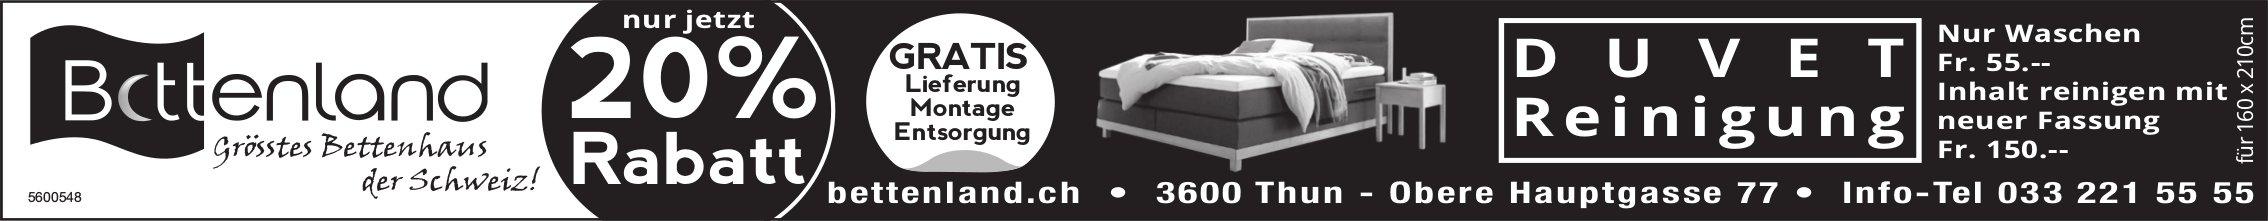 Bettenland, grösstes Bettenhaus der Schweiz - Nur jetzt 20% Rabatt